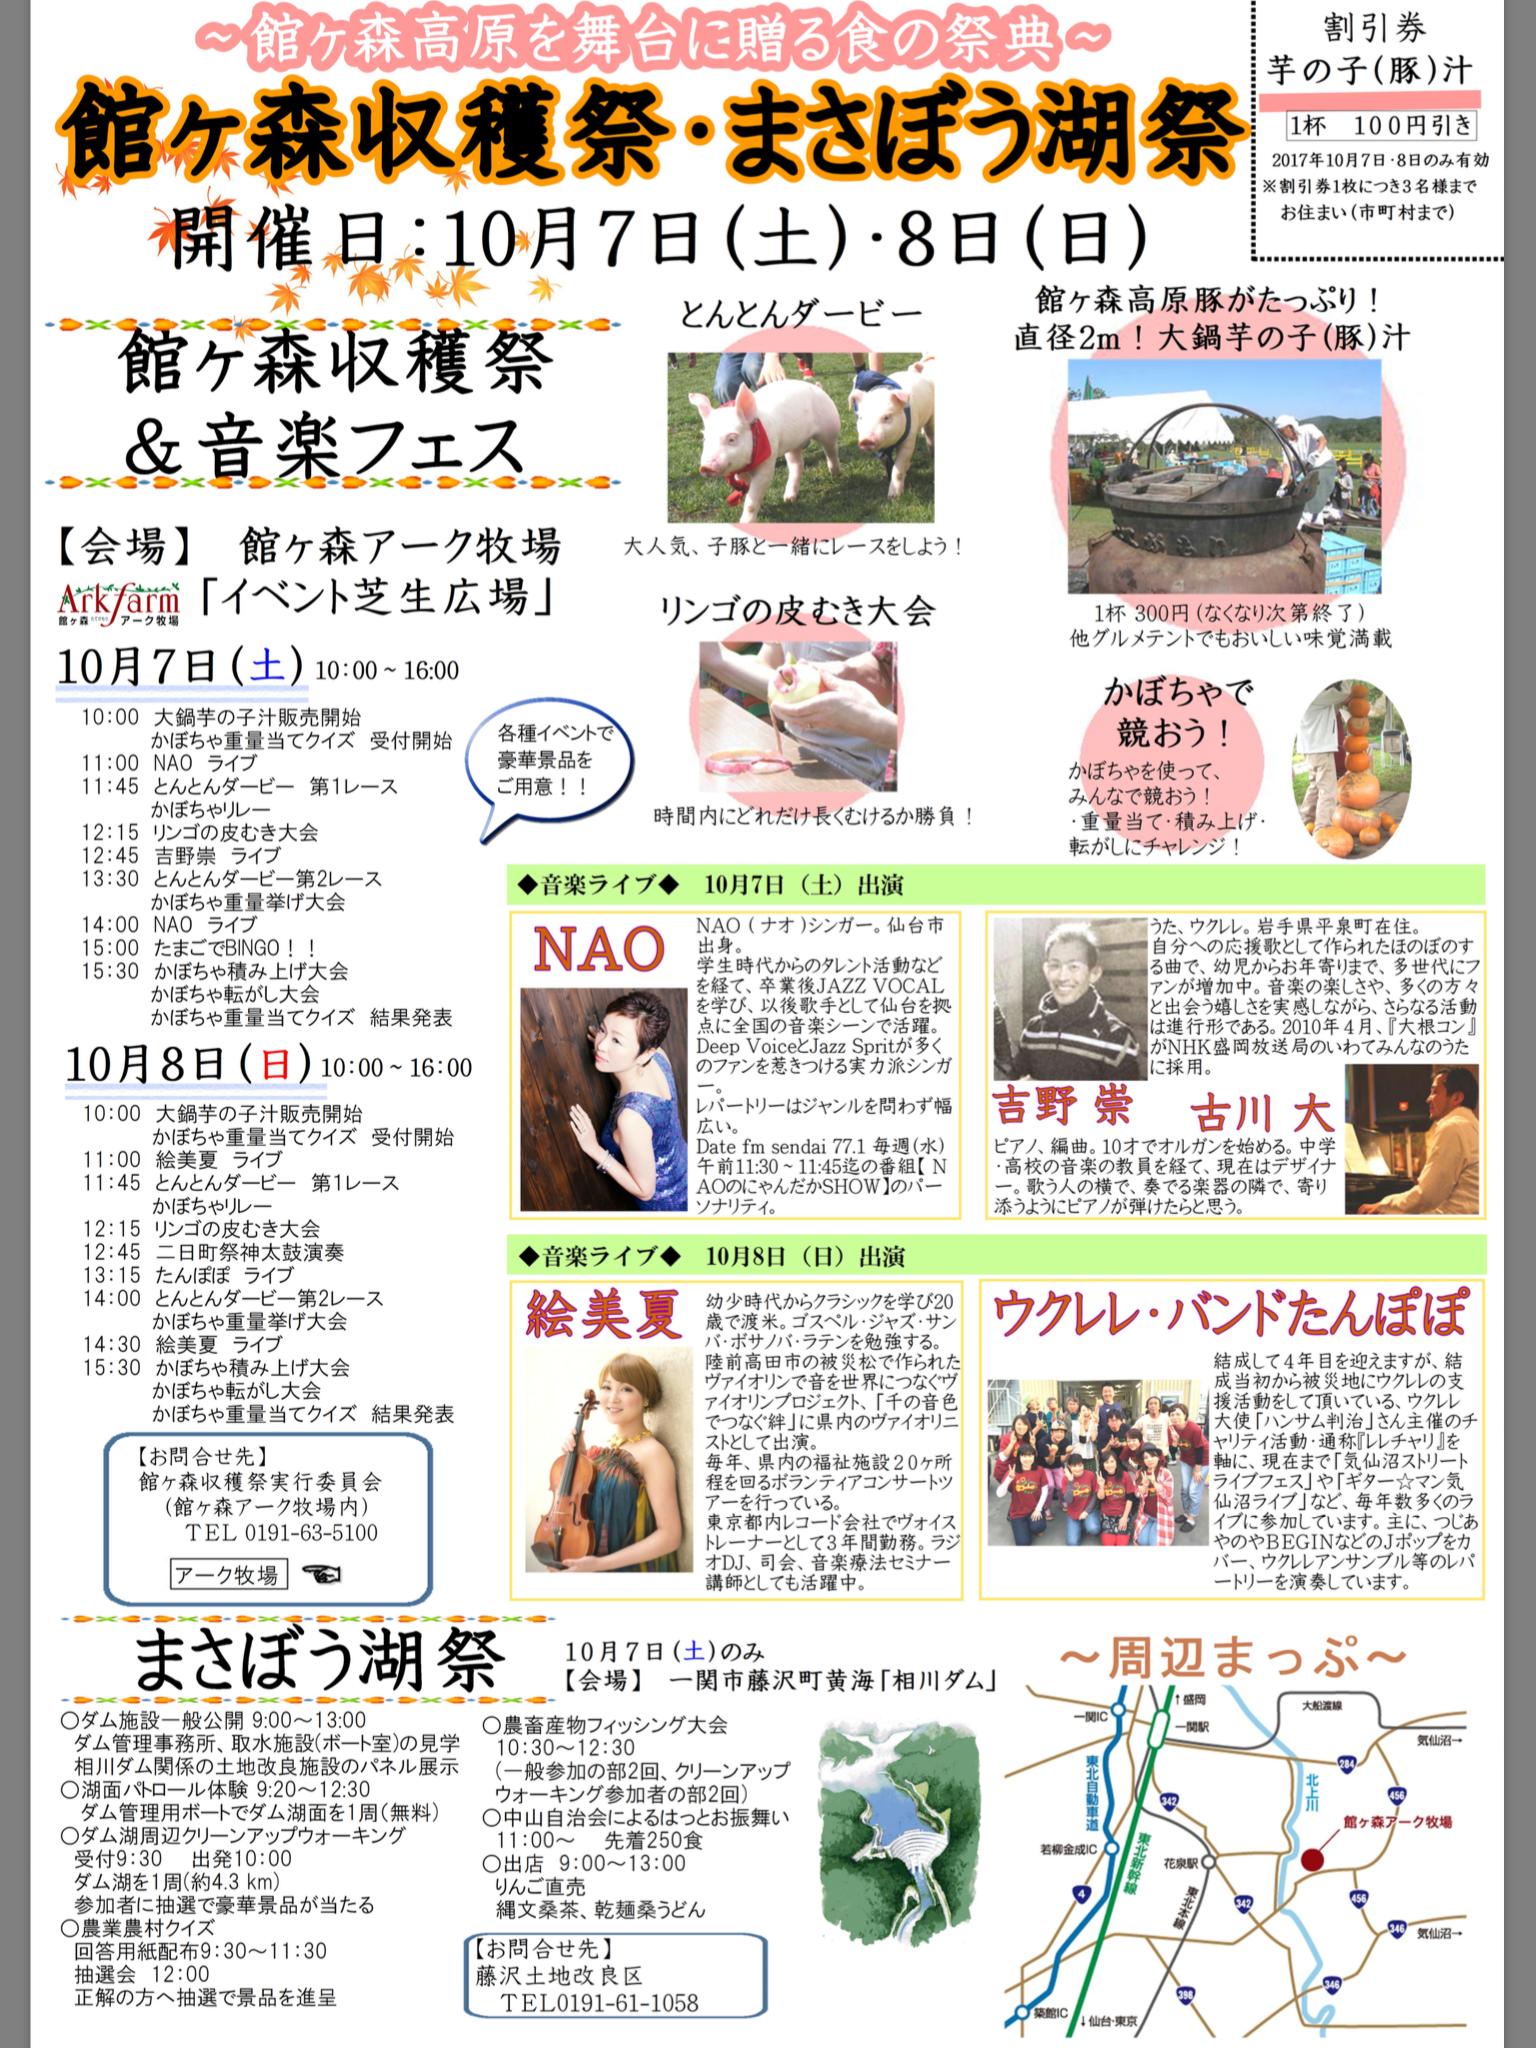 絵美夏ライブ  舘ケ森アーク牧場